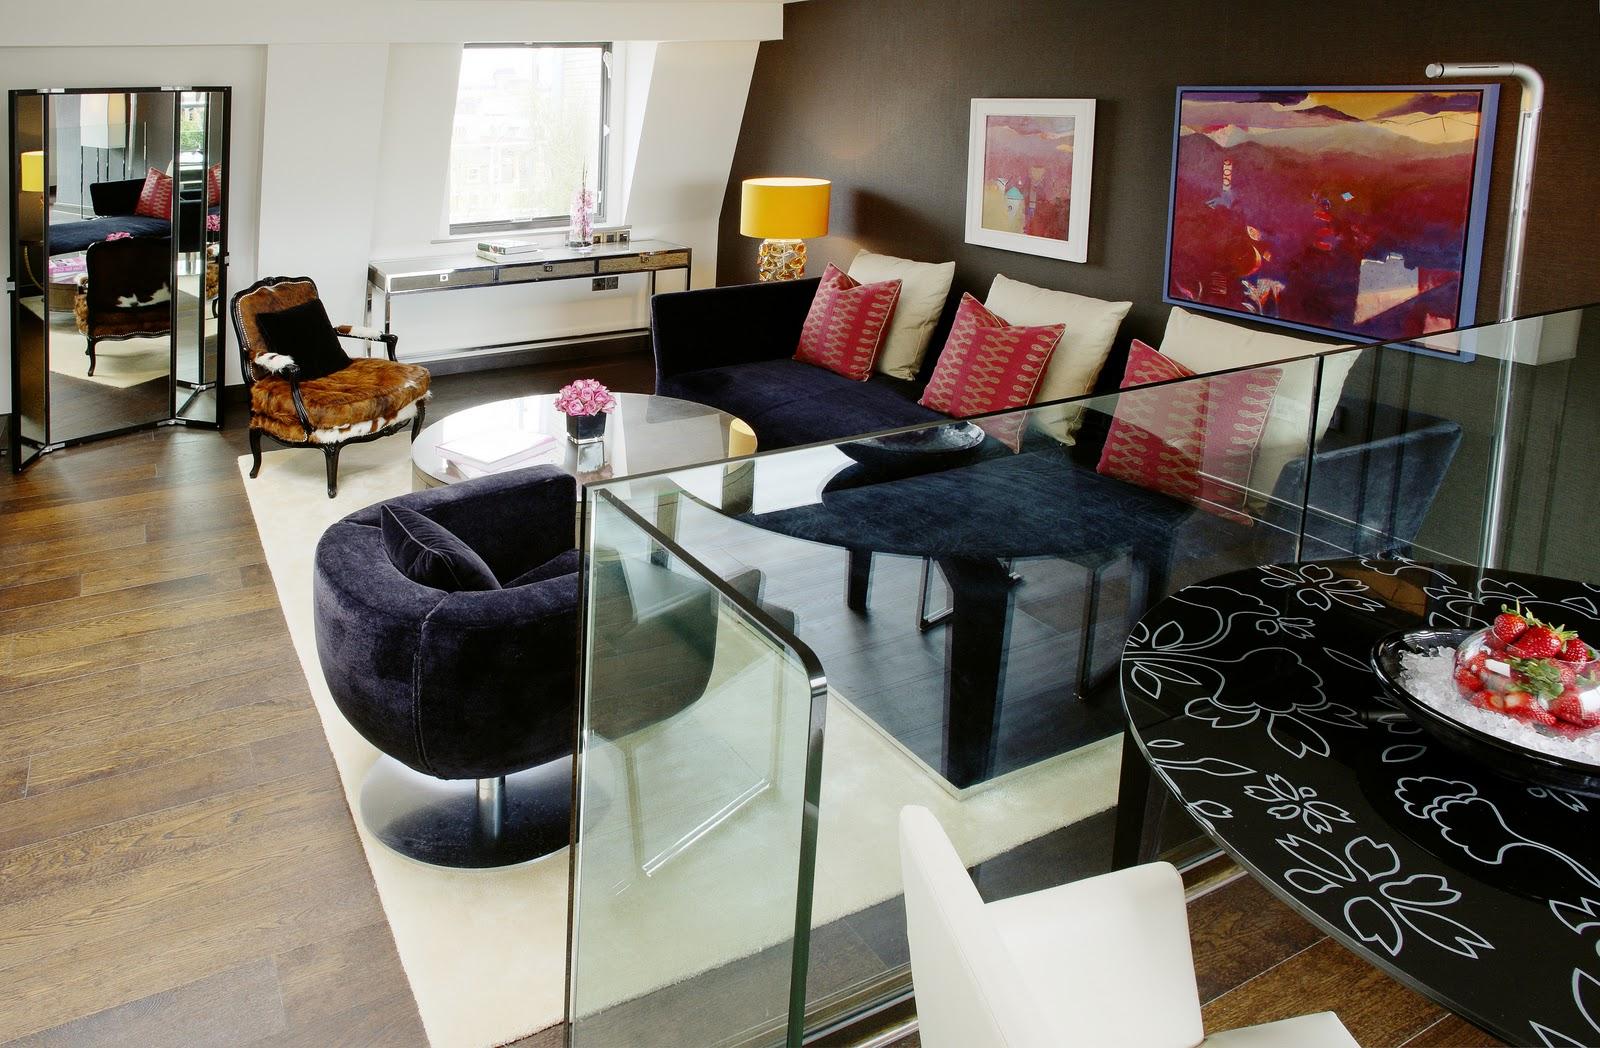 http://2.bp.blogspot.com/_zcr5hT6SDes/TKD8DcgBa7I/AAAAAAAACh4/Fn_p4E00r0I/s1600/Marylebone_Living_Suite_Highres.jpg